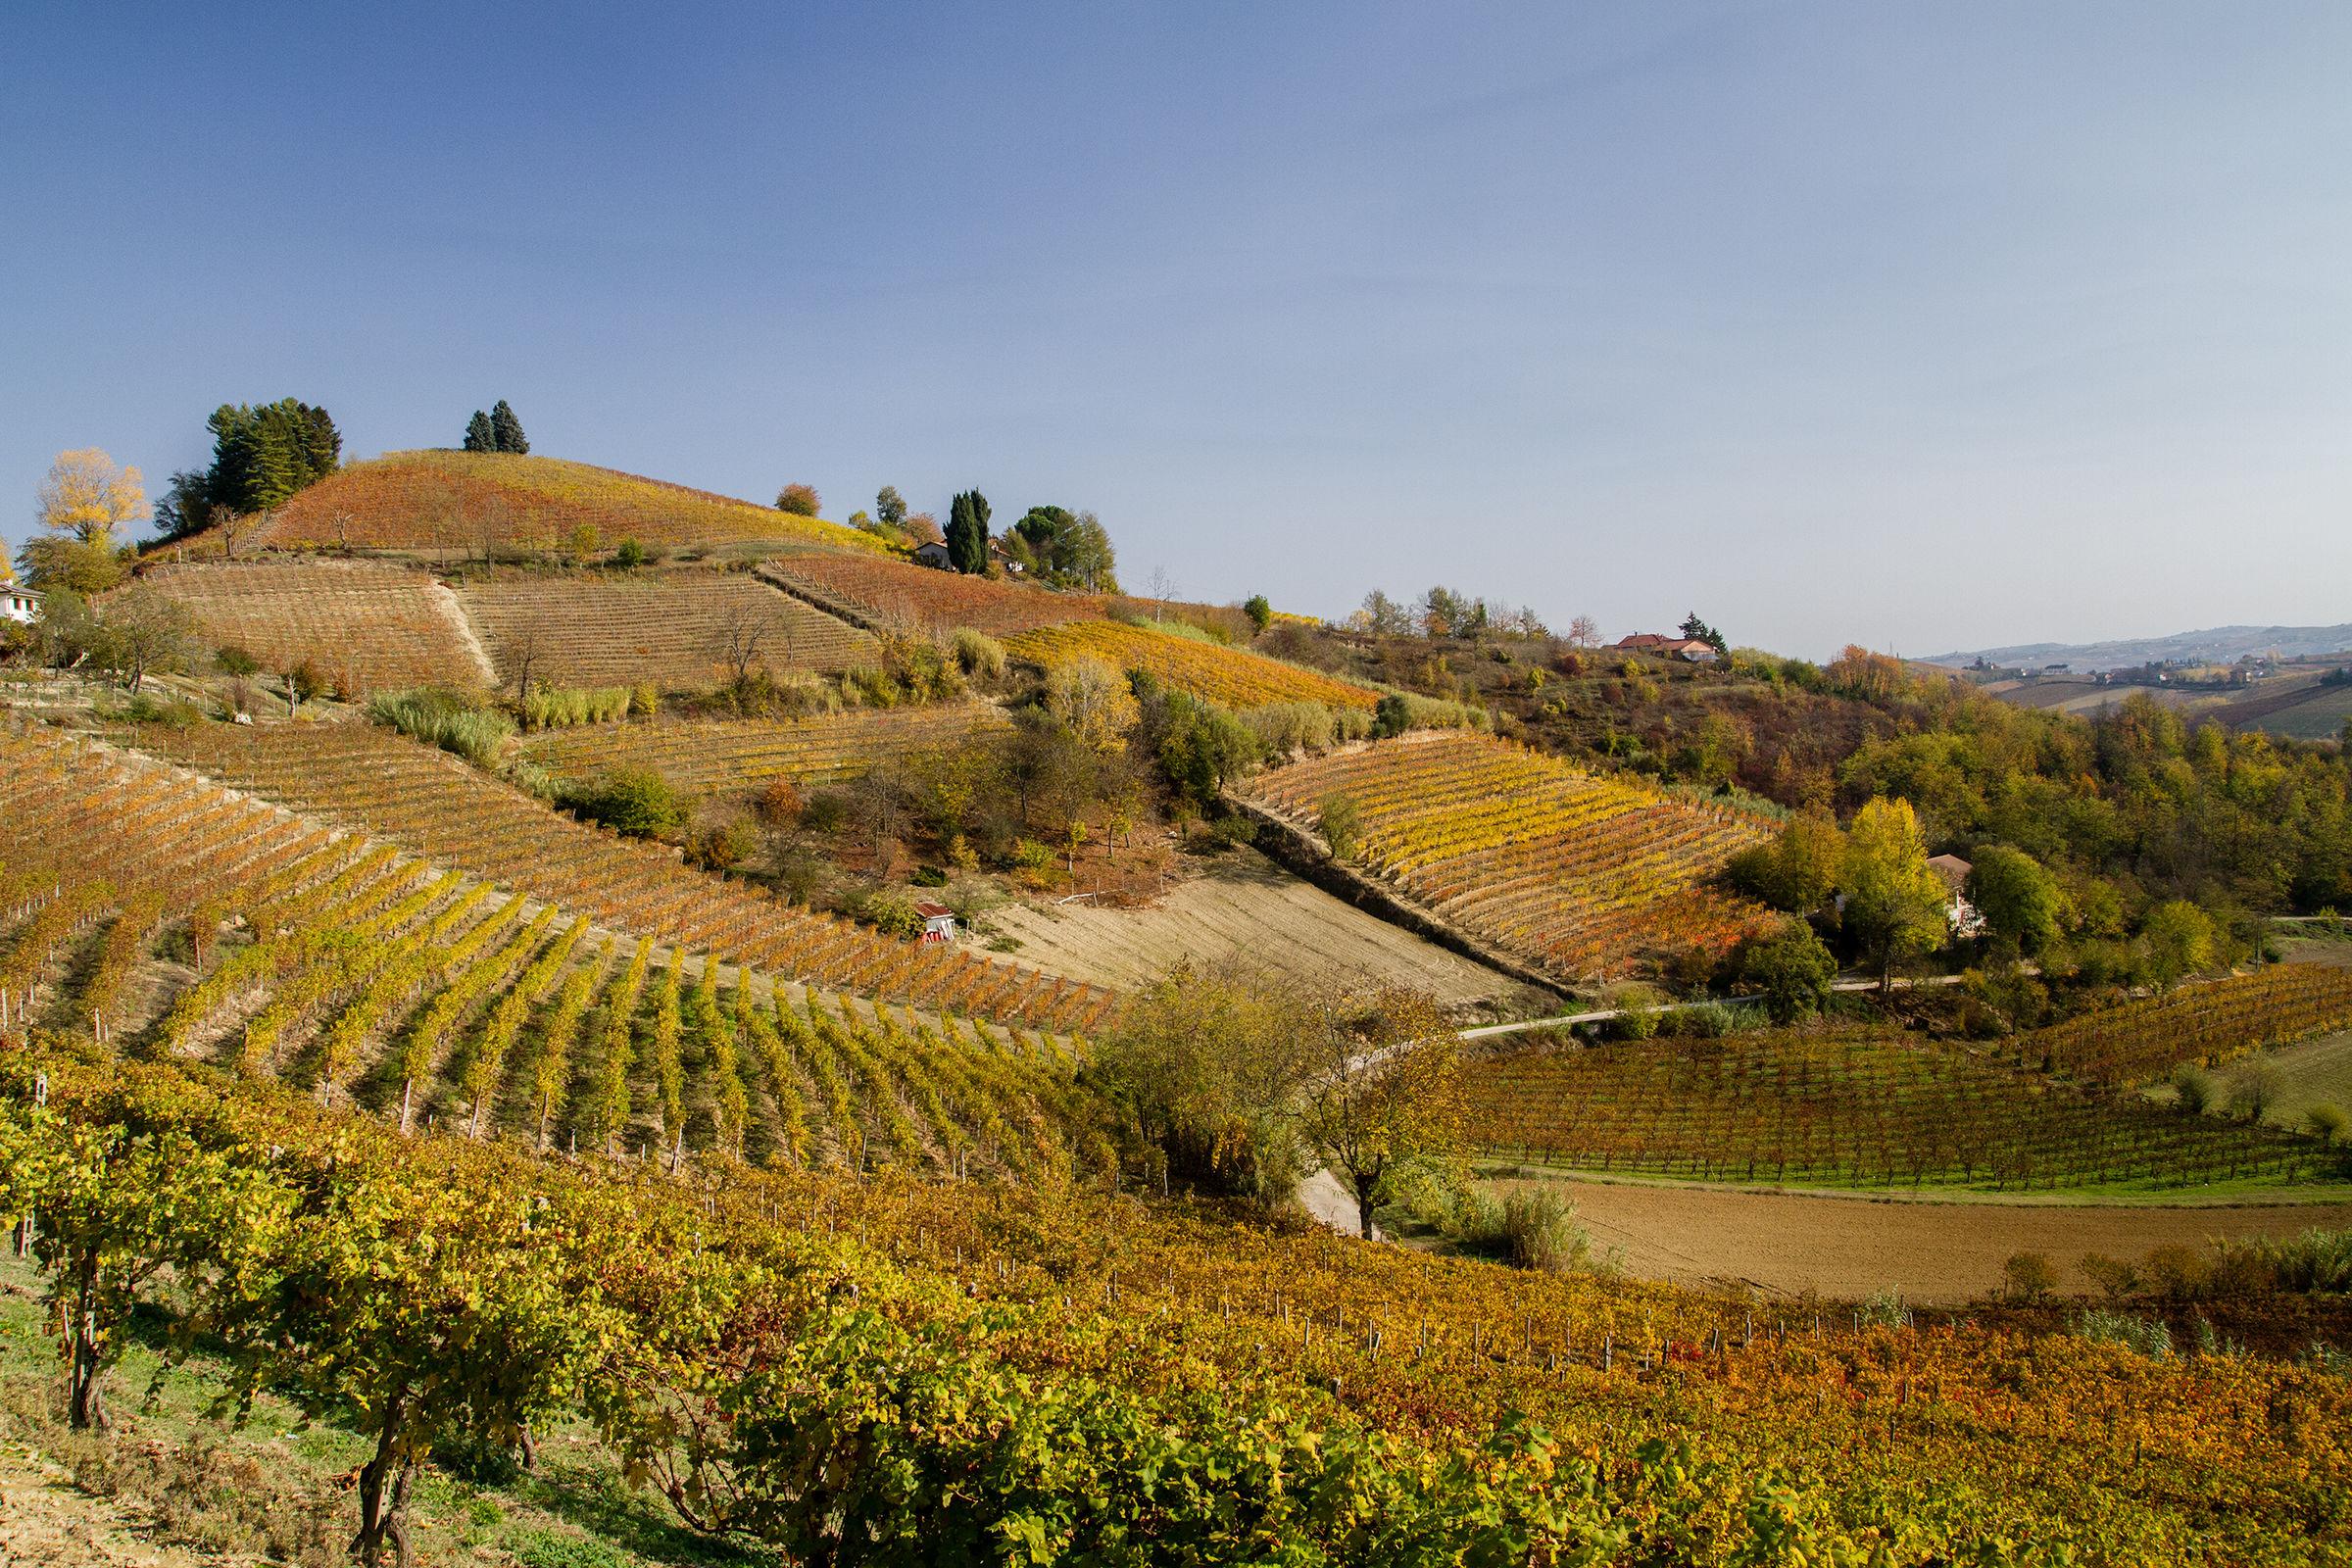 Vineyards in autumn...